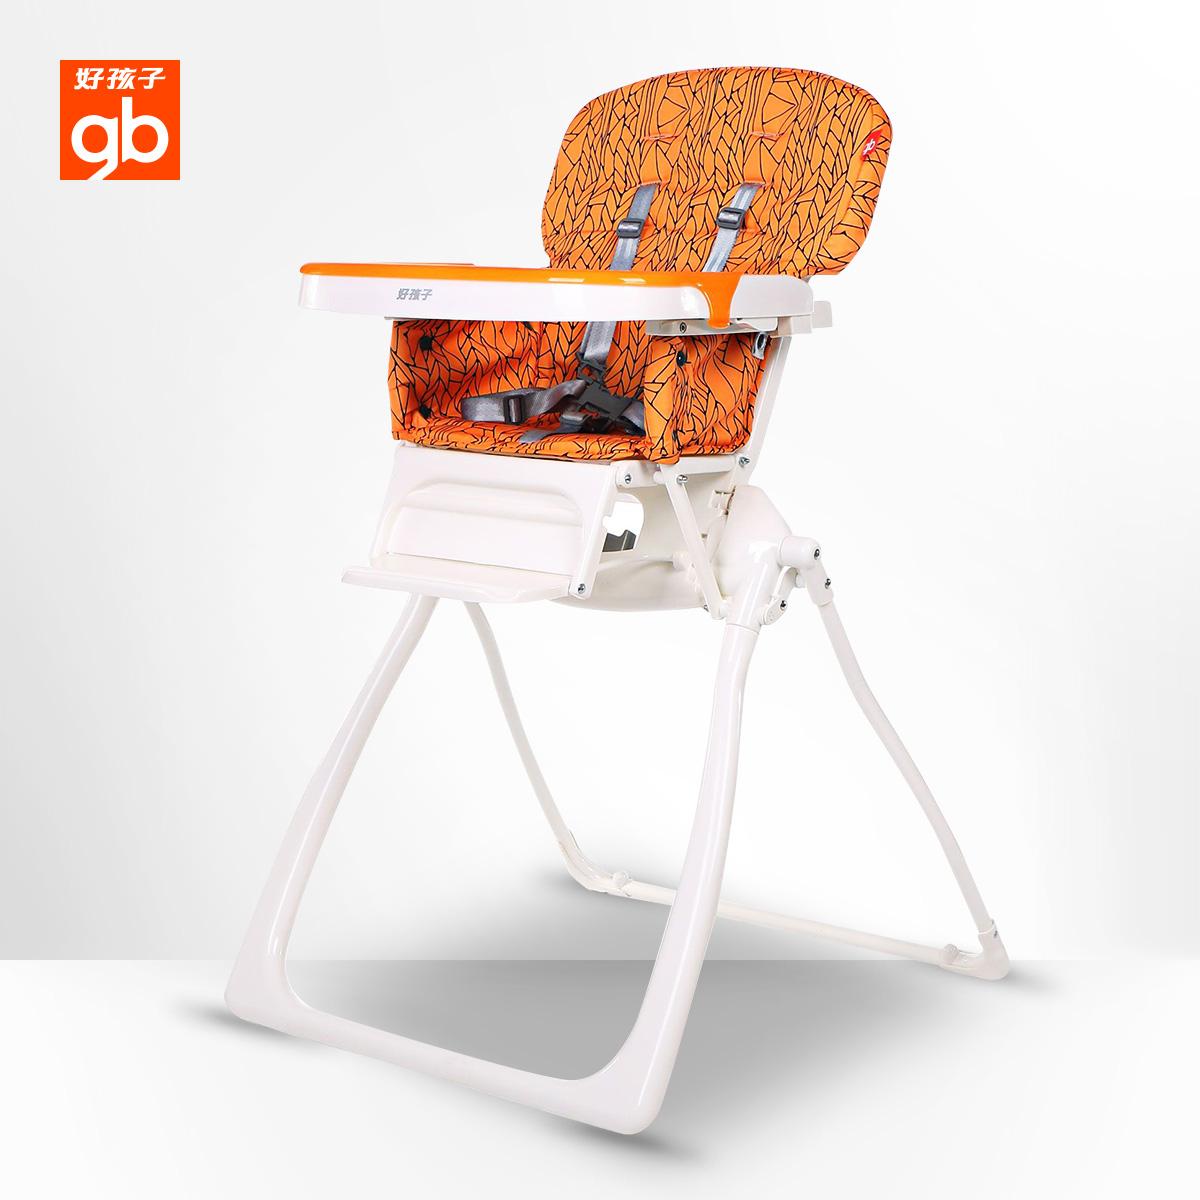 好孩子儿童餐椅Y266